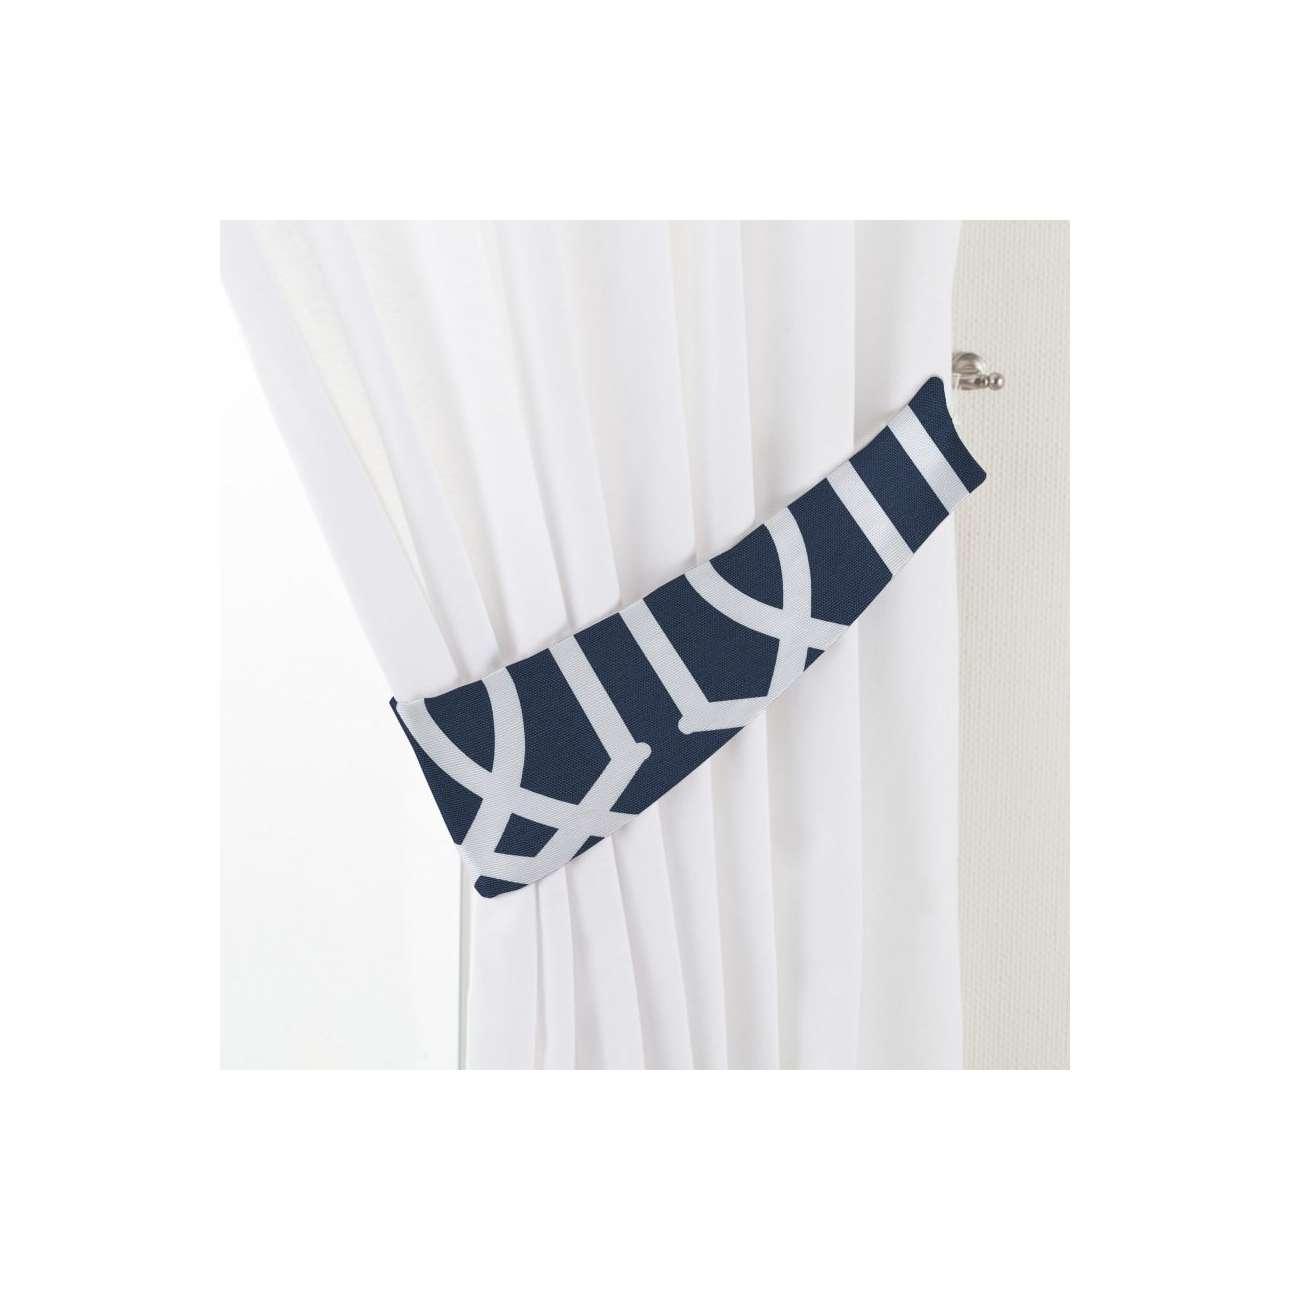 Dekoria Vázačka Victoria, bílý vzor na tmavě modrém podkladu, 12 × 70 cm, Comics, 135-10